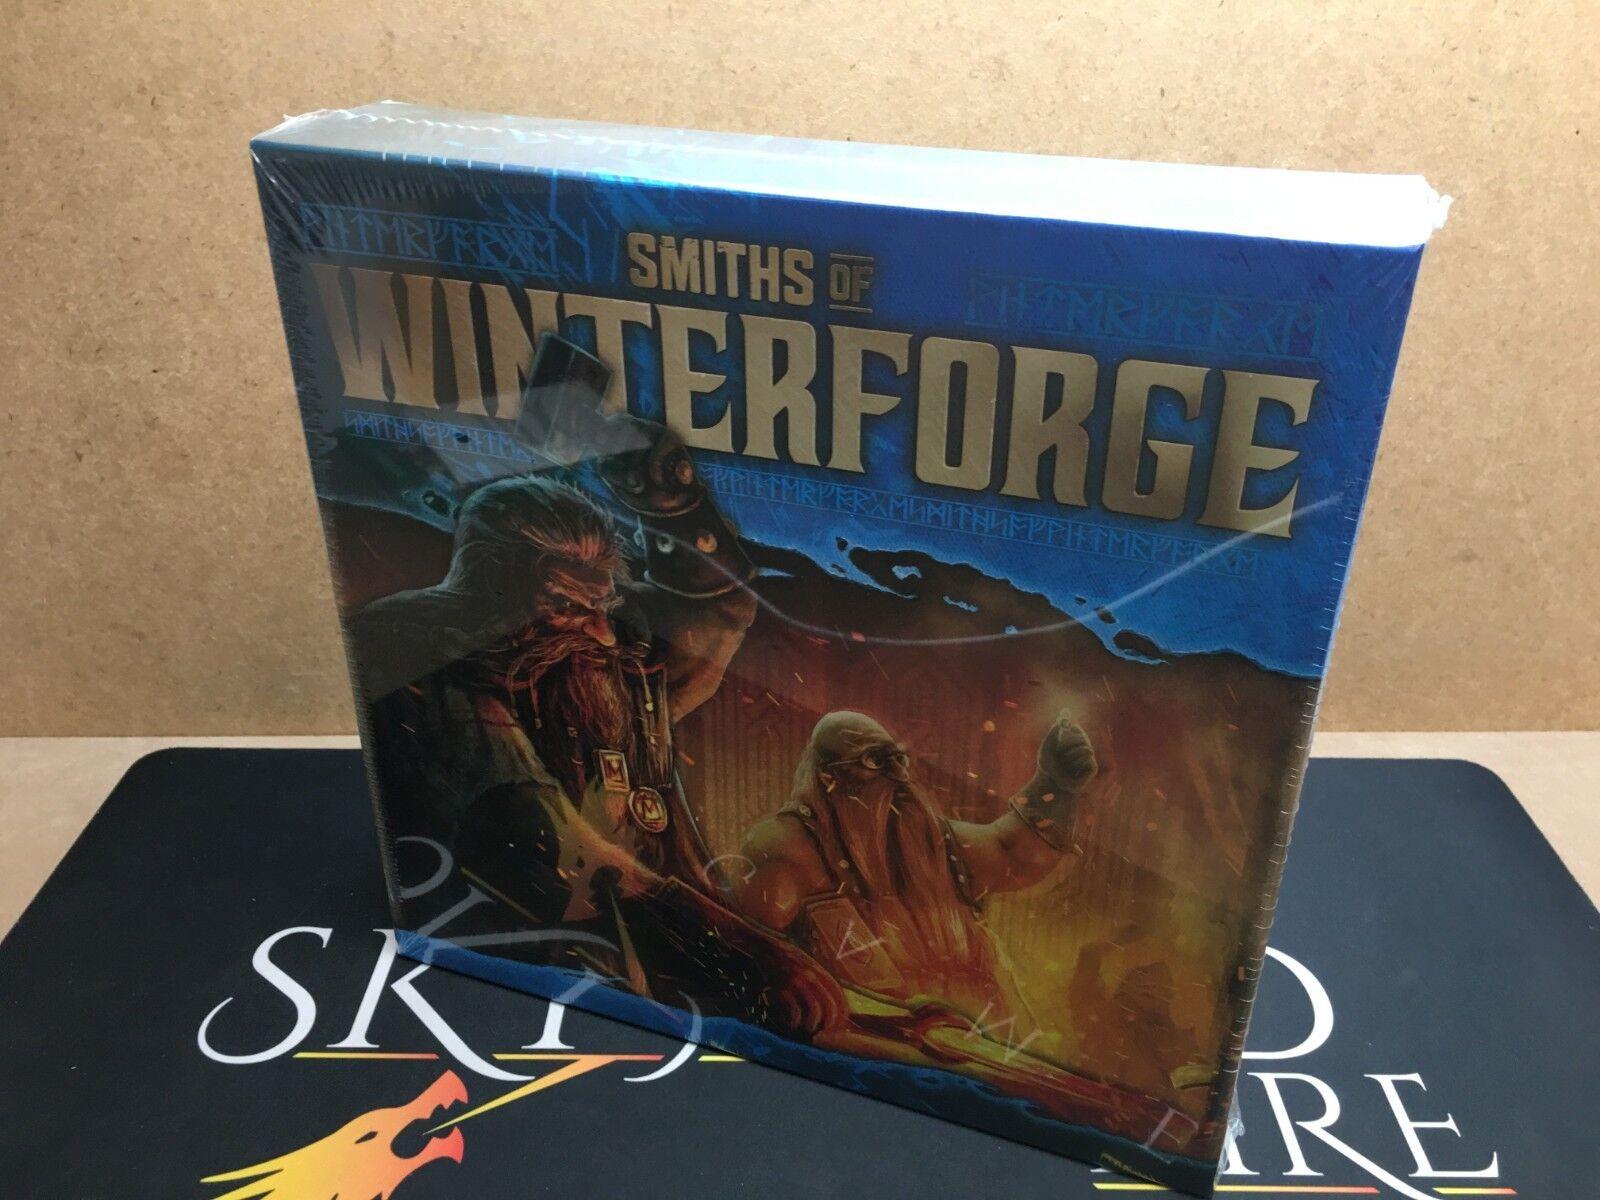 Smiths de winterforge édition spéciale-Règle & Make (origine scellés)